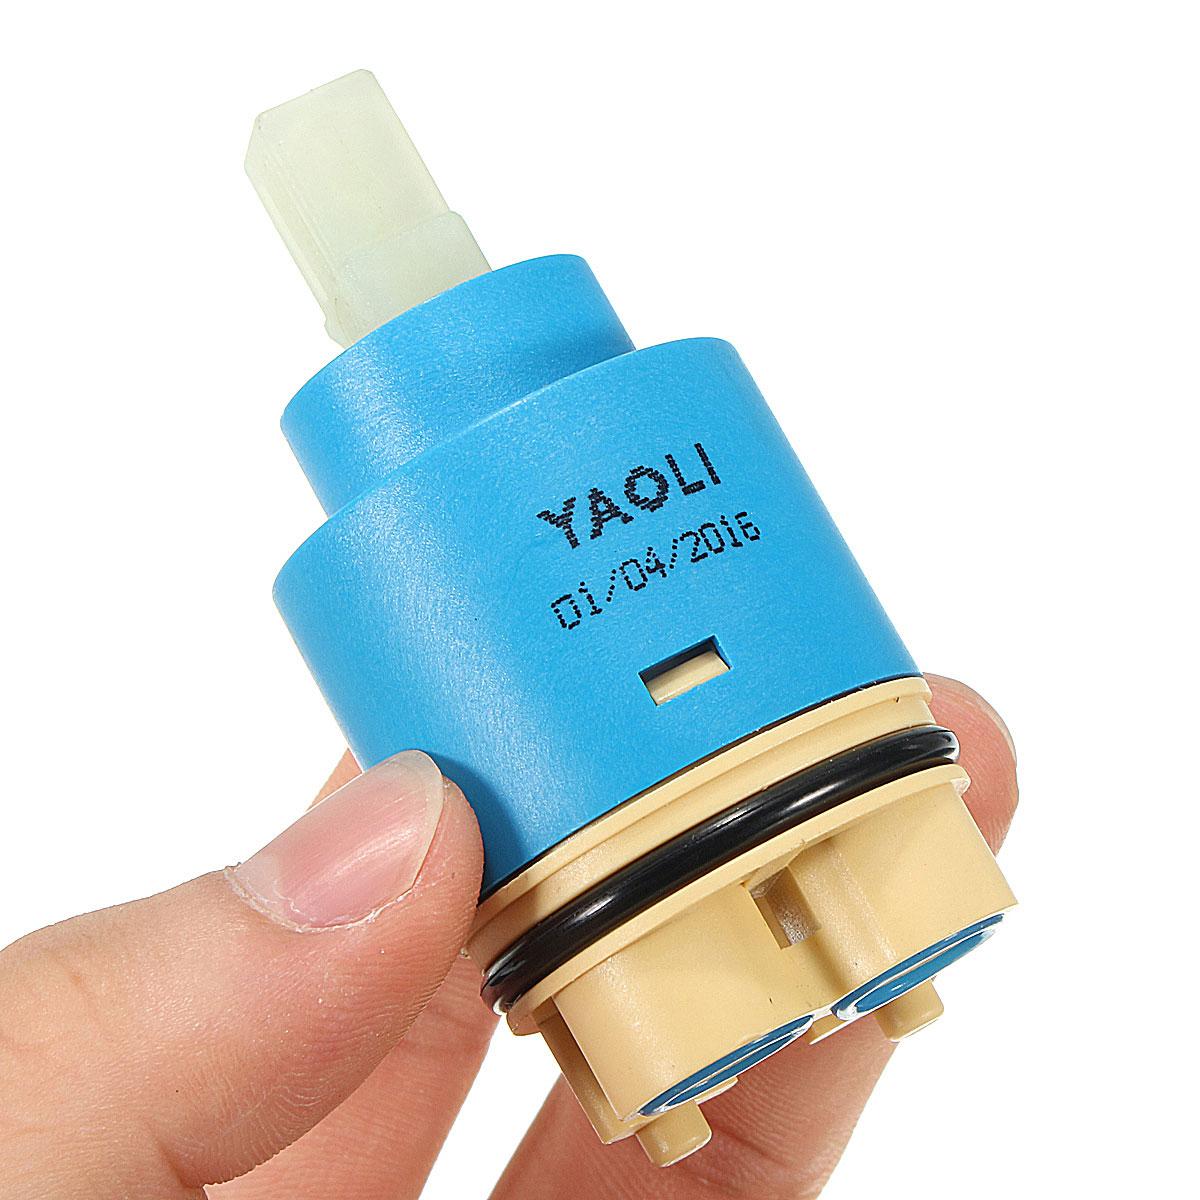 35mm /25mm Foot Precision Faucet Ceramic Spool Faucet Fittings